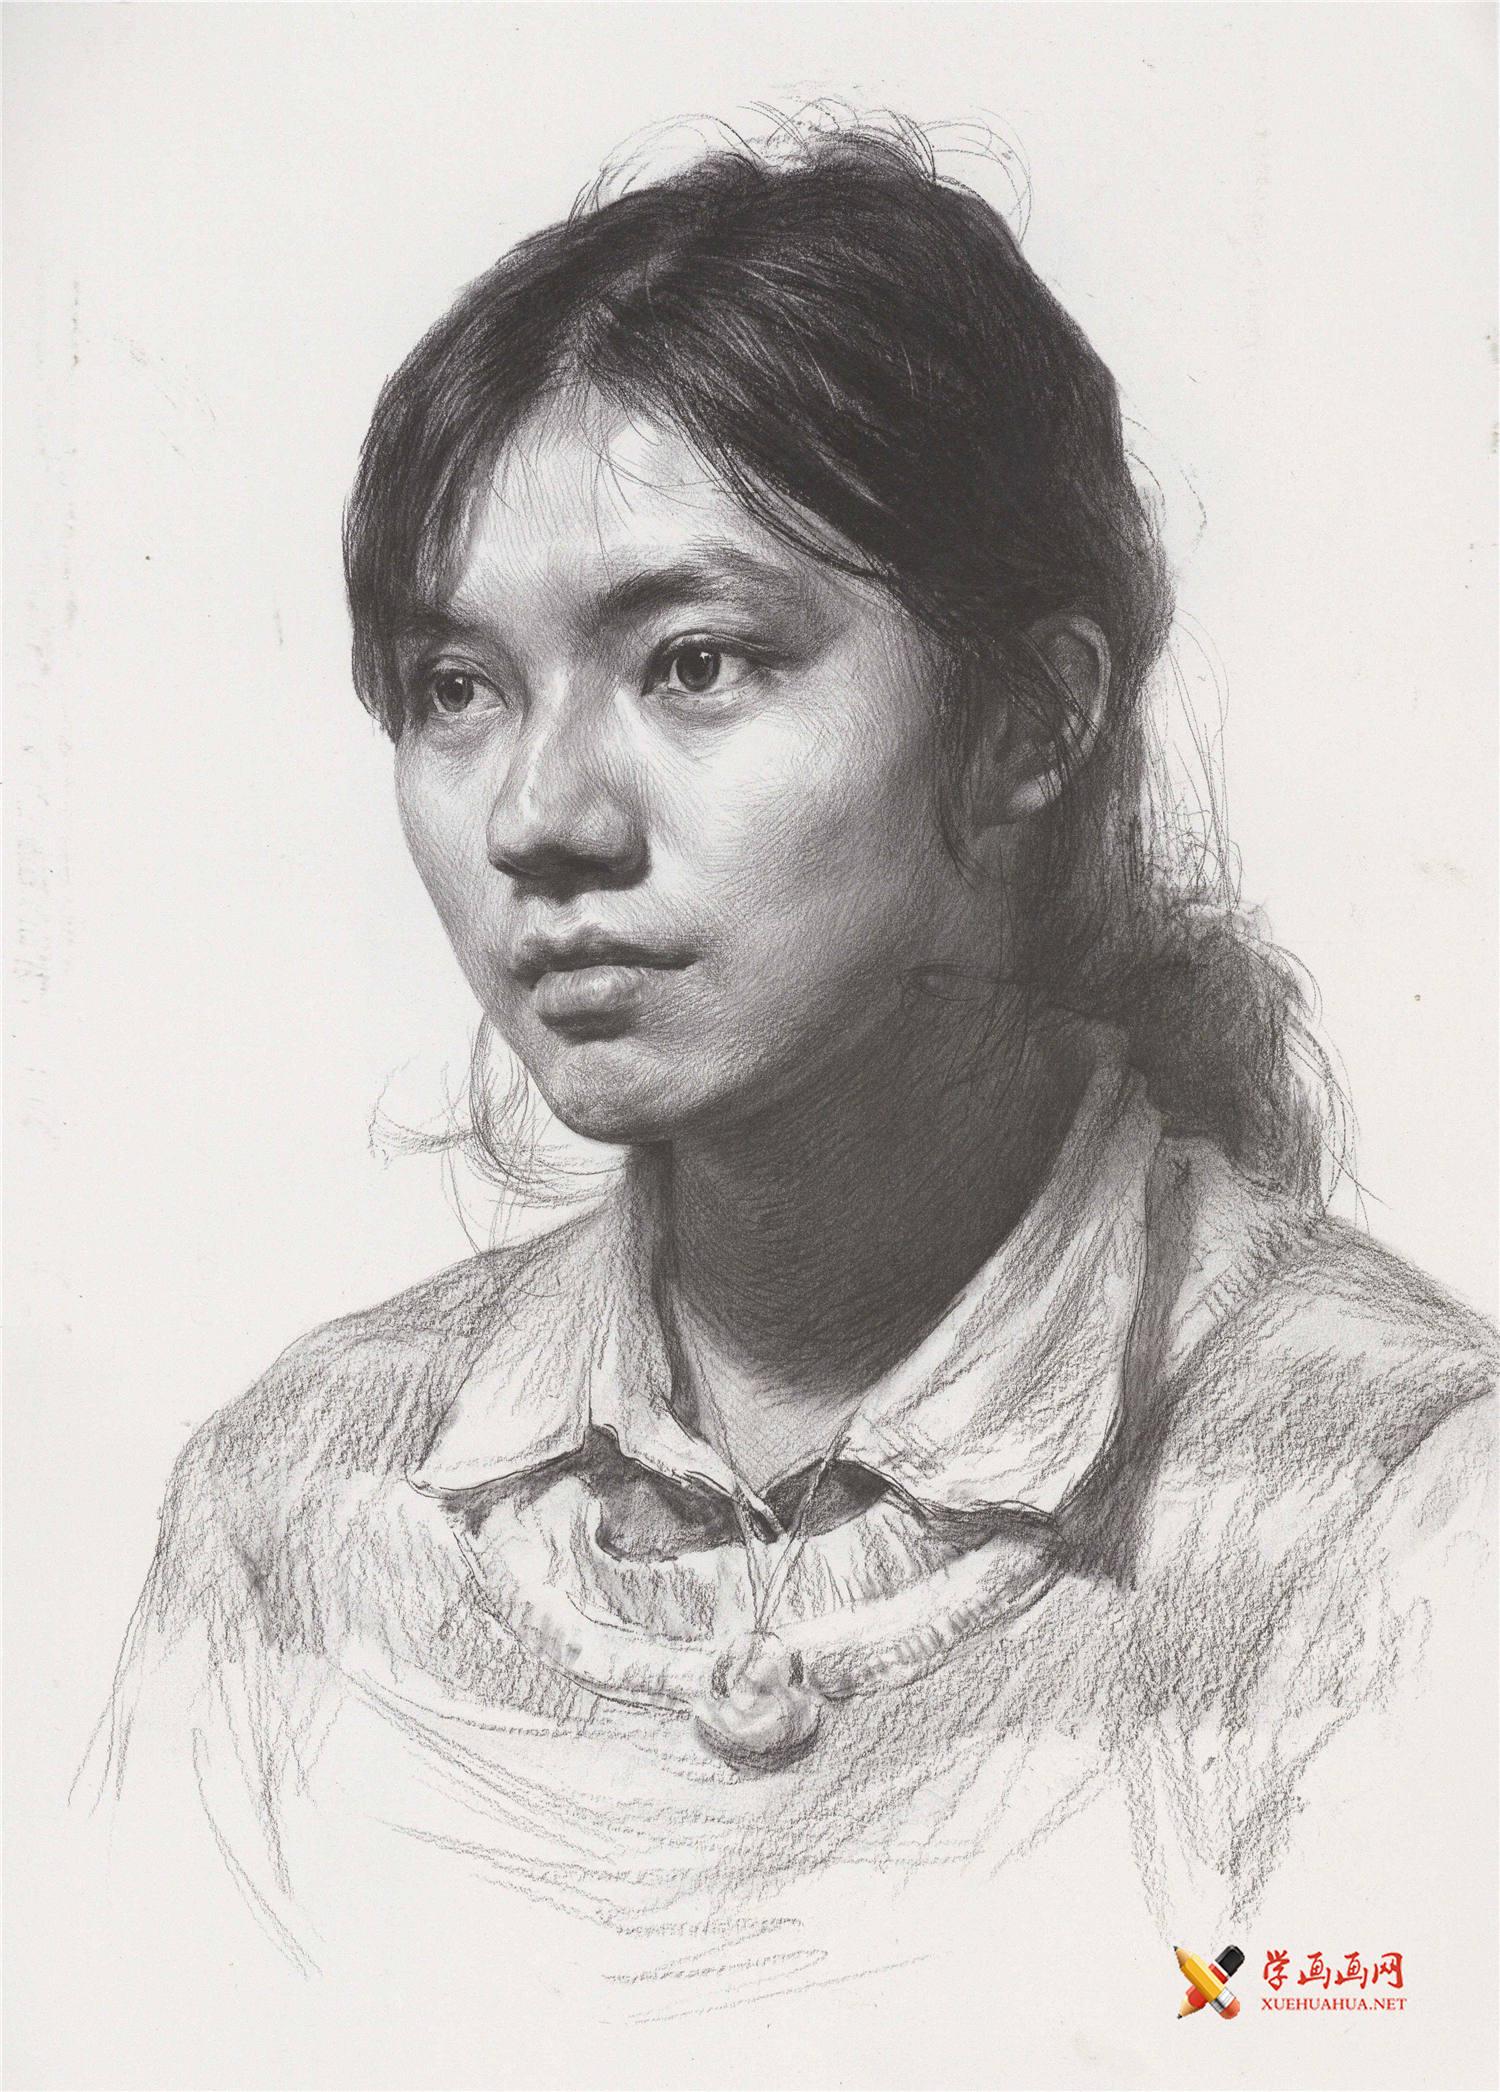 女子素描头像临摹范画高清图片1幅(1)